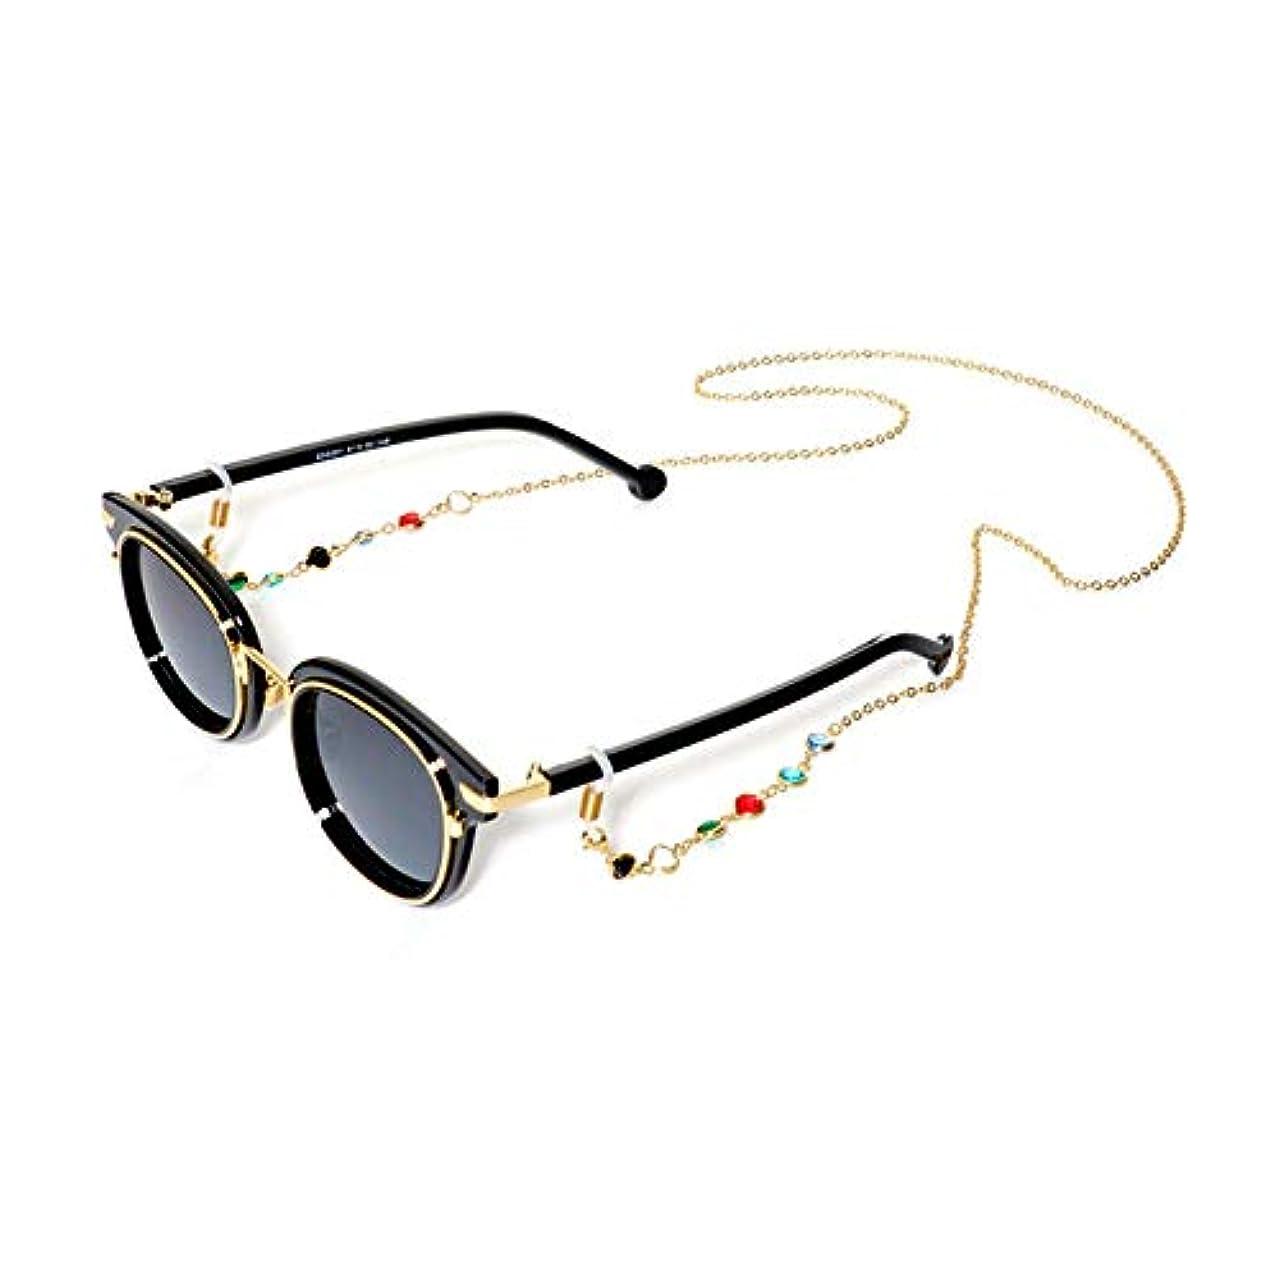 局協力叙情的なBSTOPSEL ファッションジェムメガネチェーンメガネ老眼鏡メガネメガネホルダーストラップストラップ